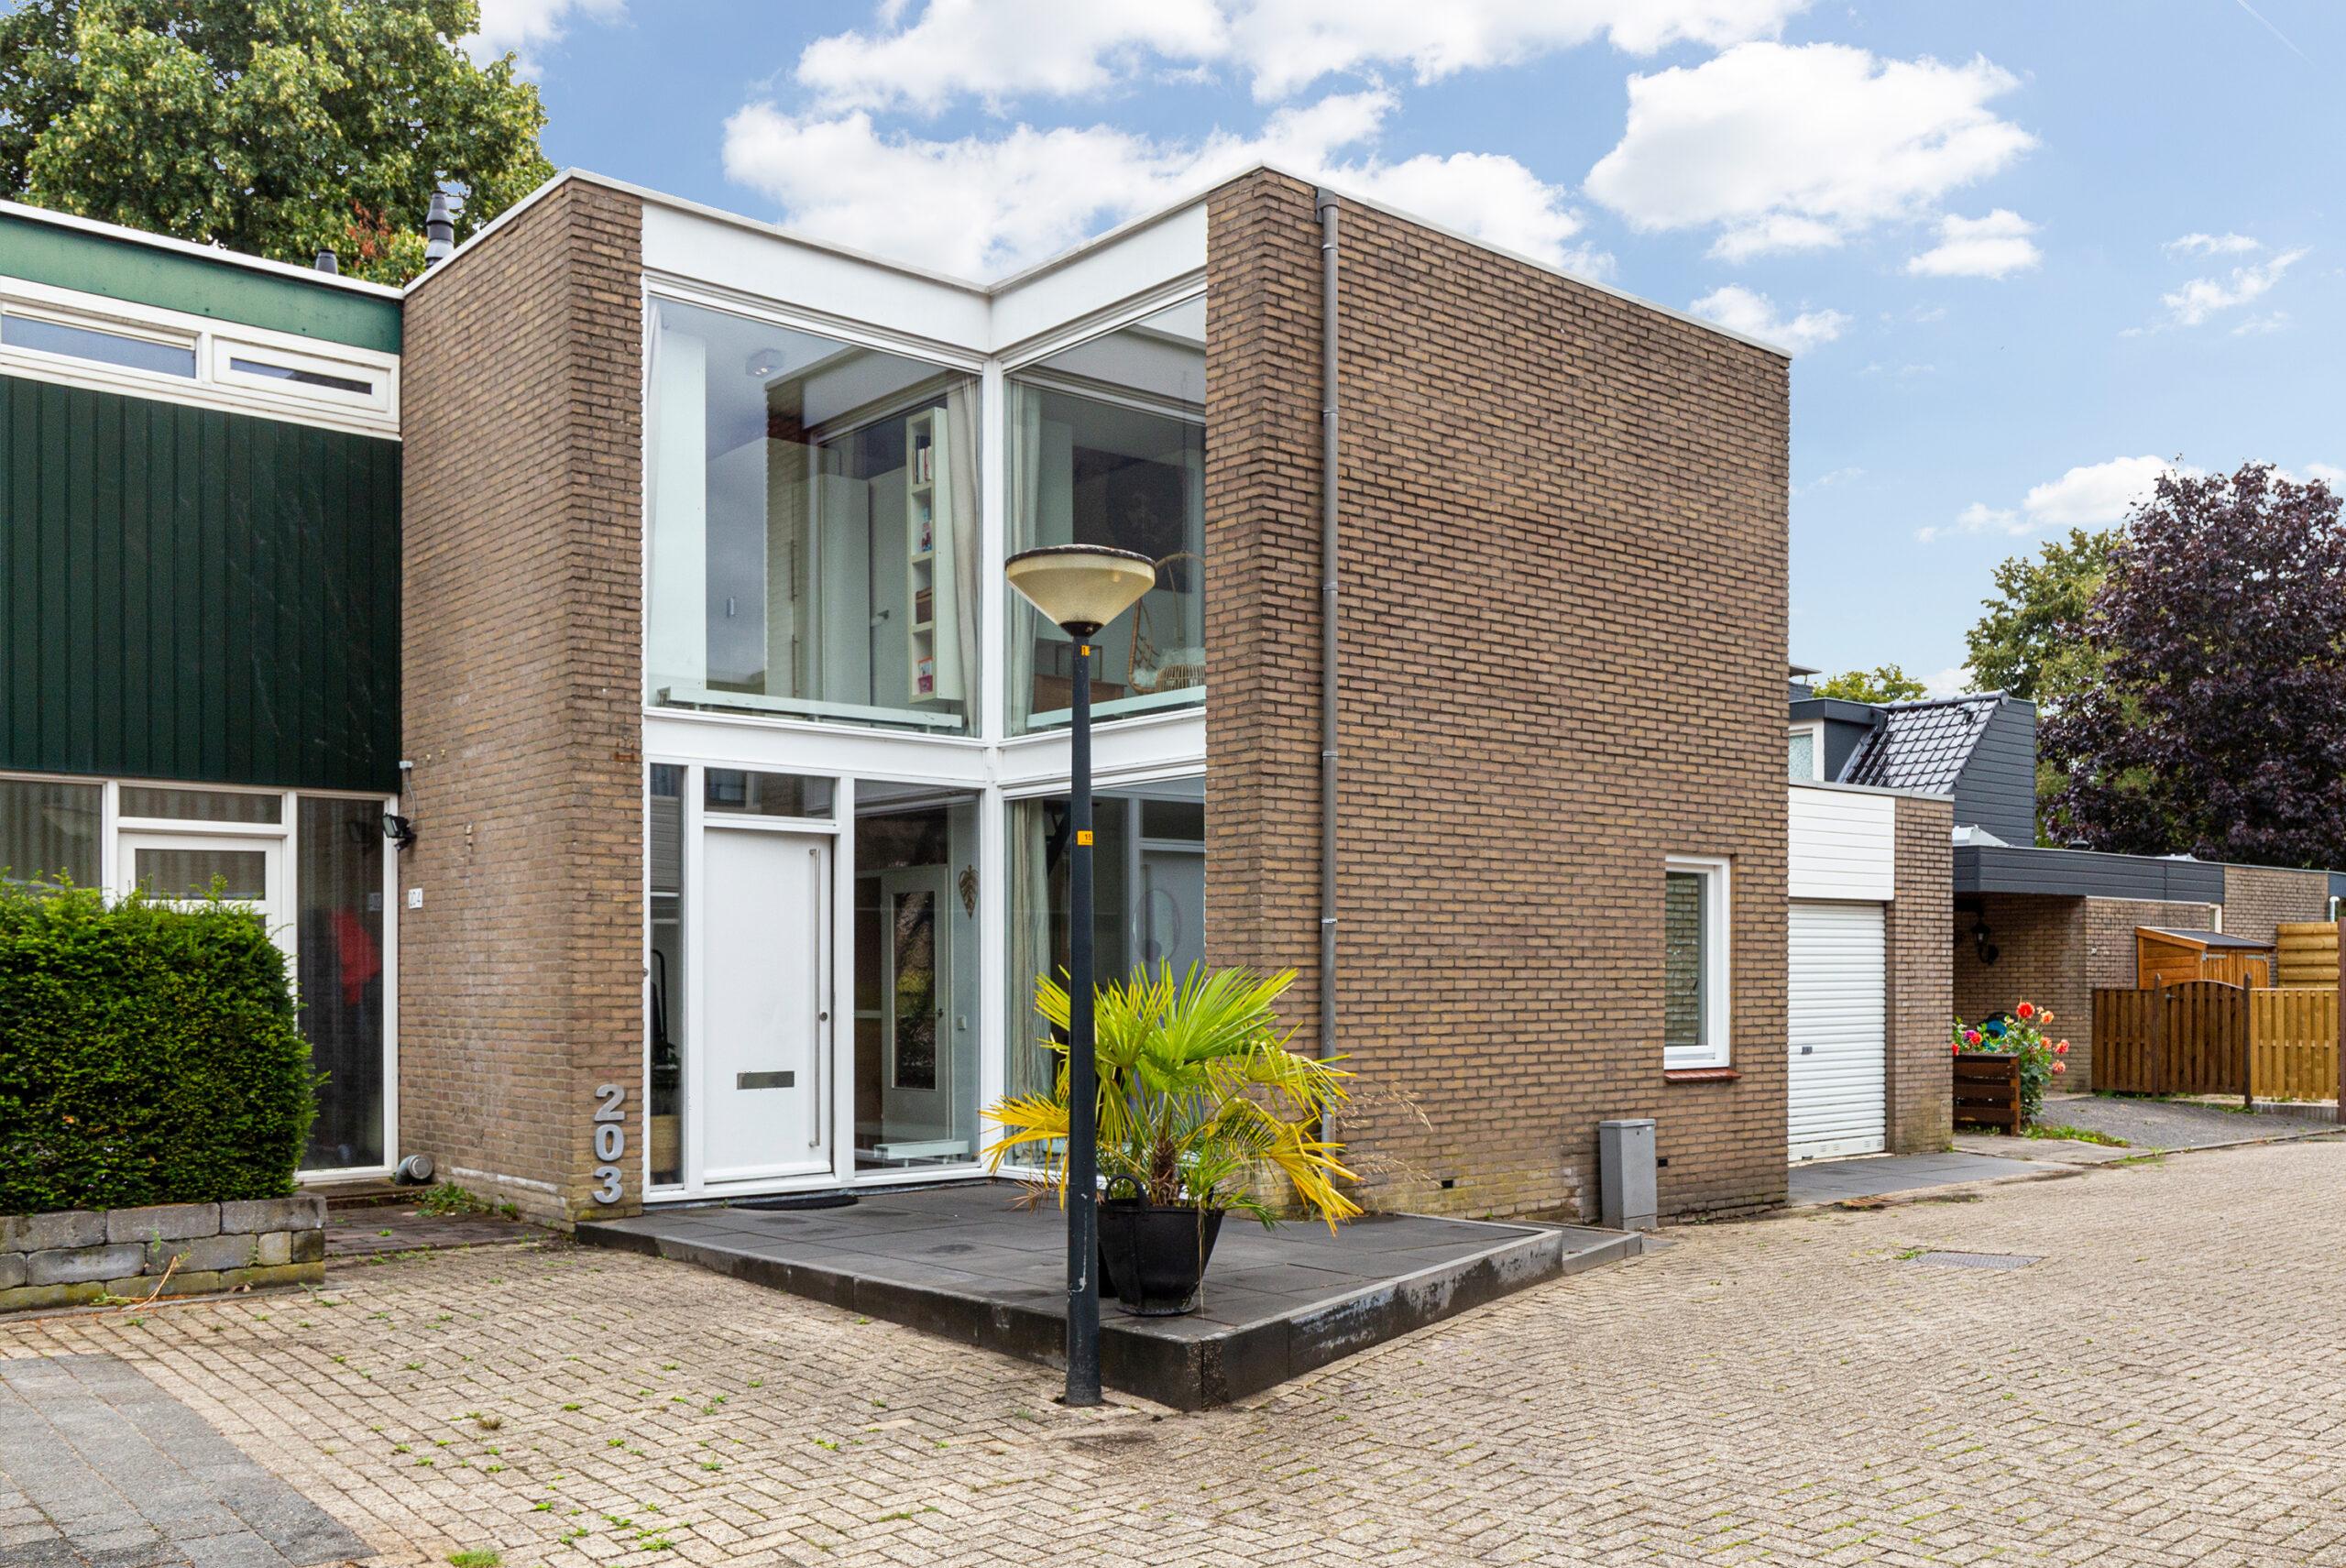 Rietdekkersdreef 203 Apeldoorn (2)